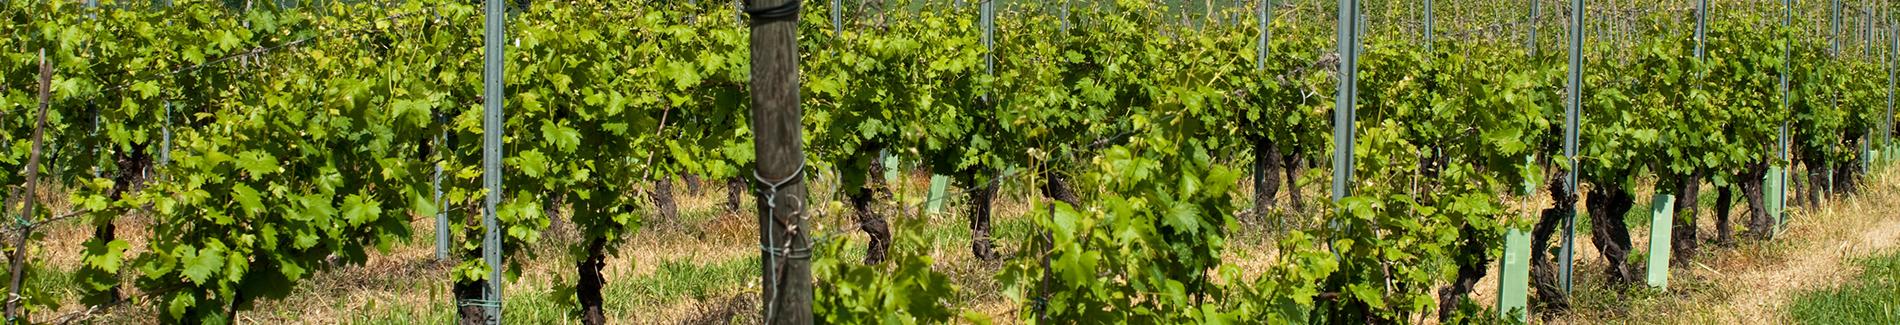 Progetto di Zonazione vinicola per la profilazione delle vigne ad opera delle Cantine Torrevilla in collaborazione con l'Università degli Studi di Milano